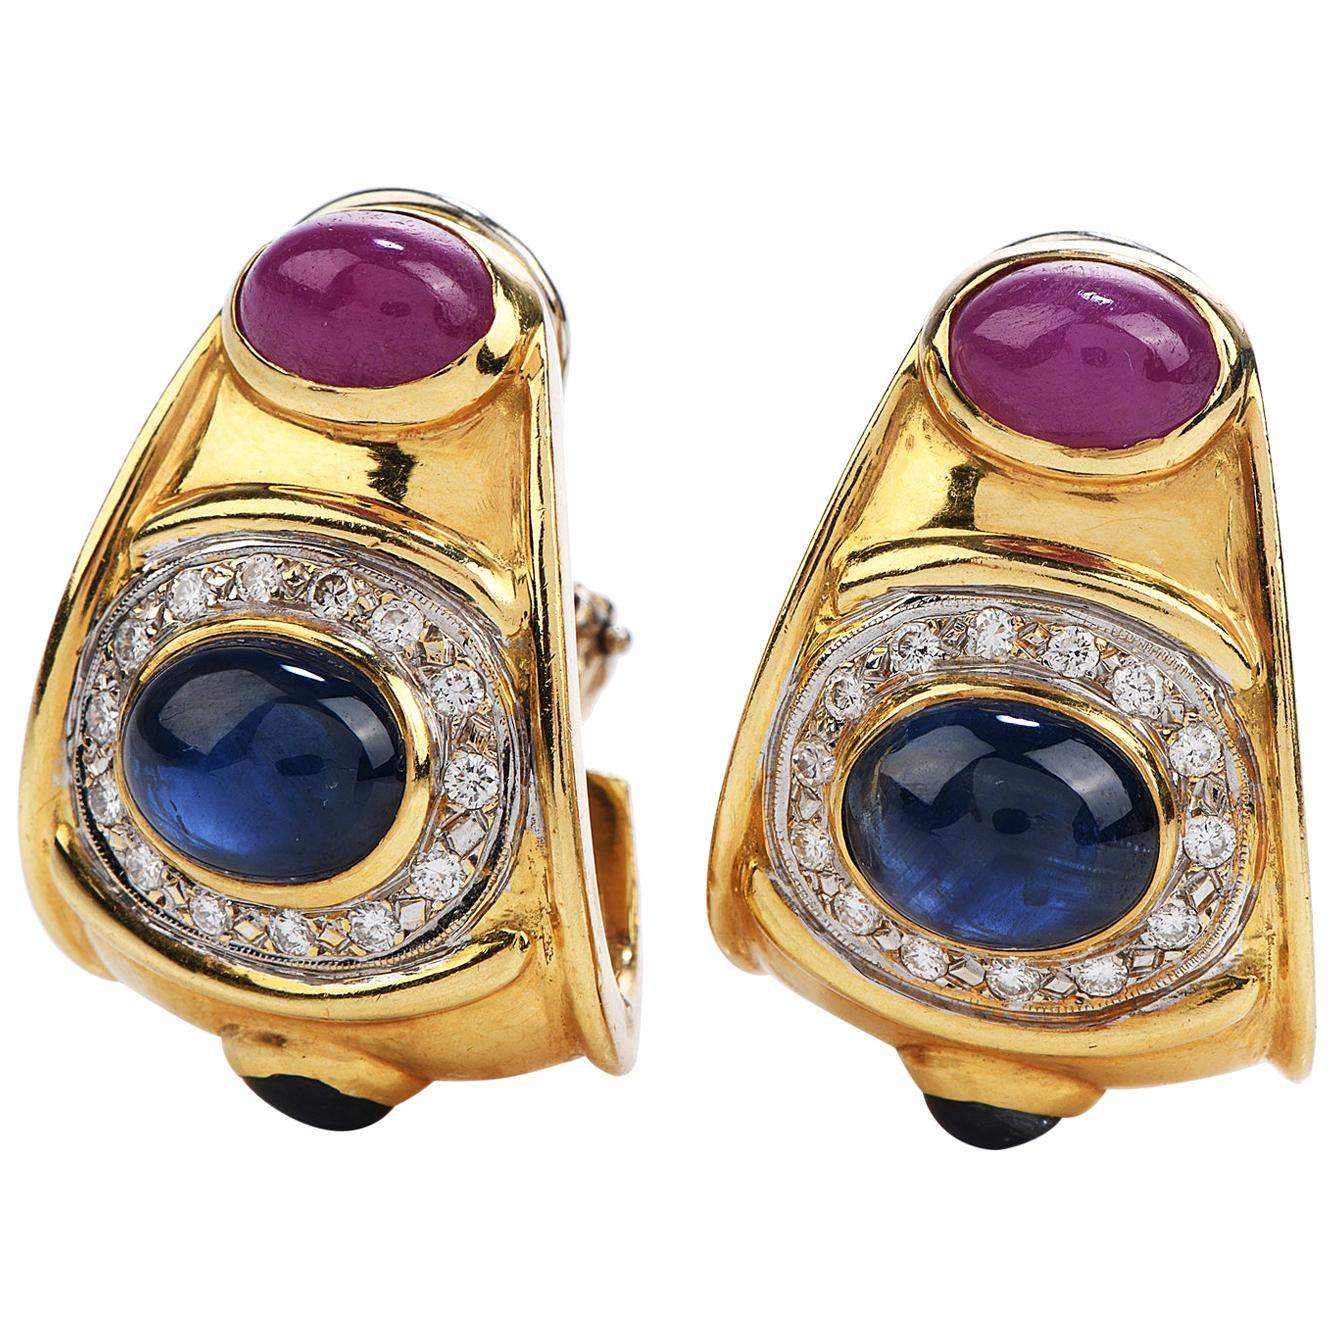 1980s Diamond Sapphire Ruby 18 Karat Gold 1980s Clip-On Earrings